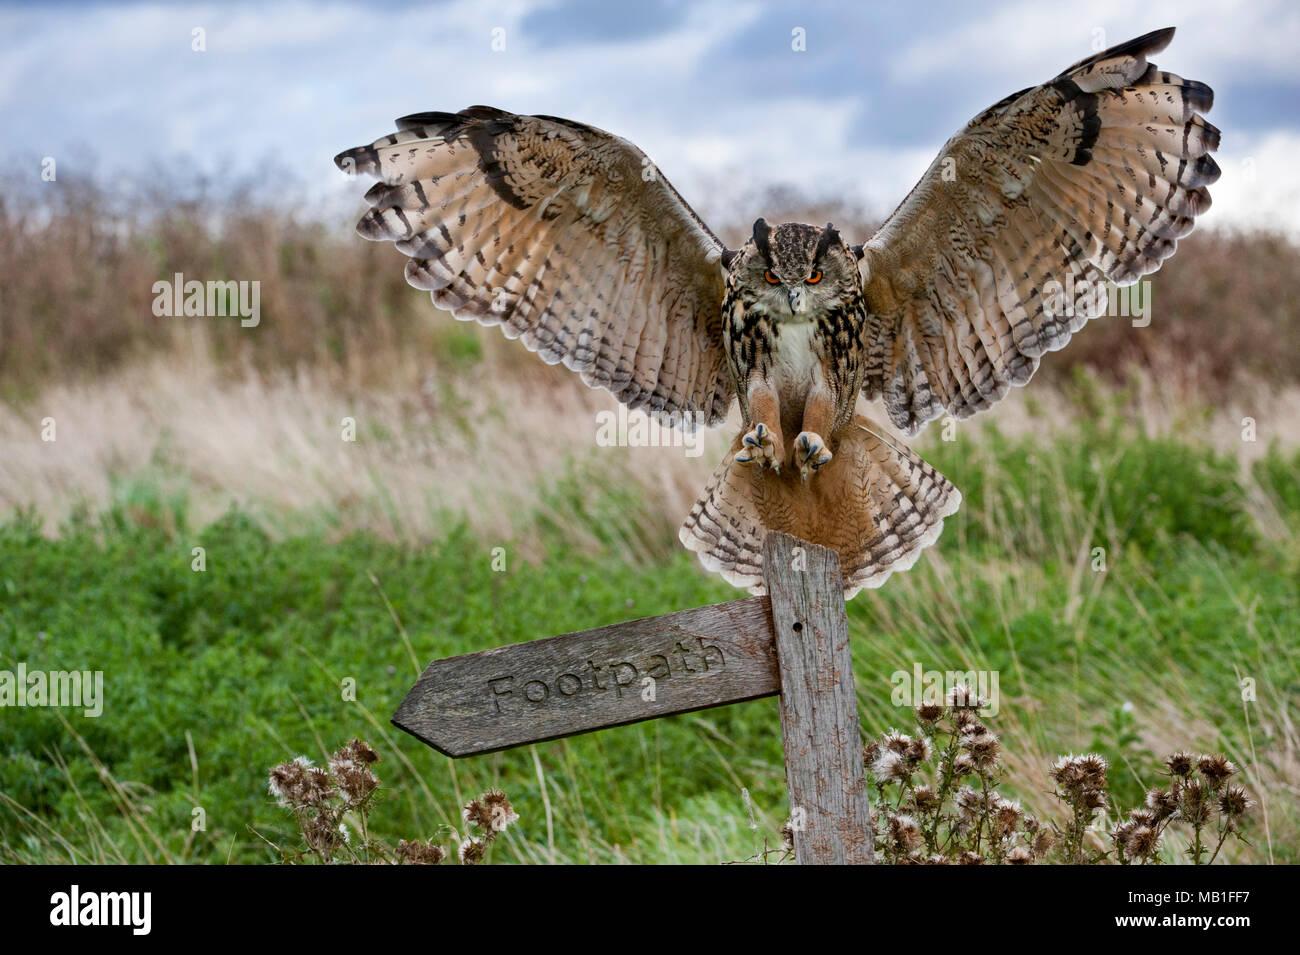 Gufo reale (Bubo bubo) in atterraggio con ali aperte sul cartello in prato al crepuscolo, England, Regno Unito Immagini Stock